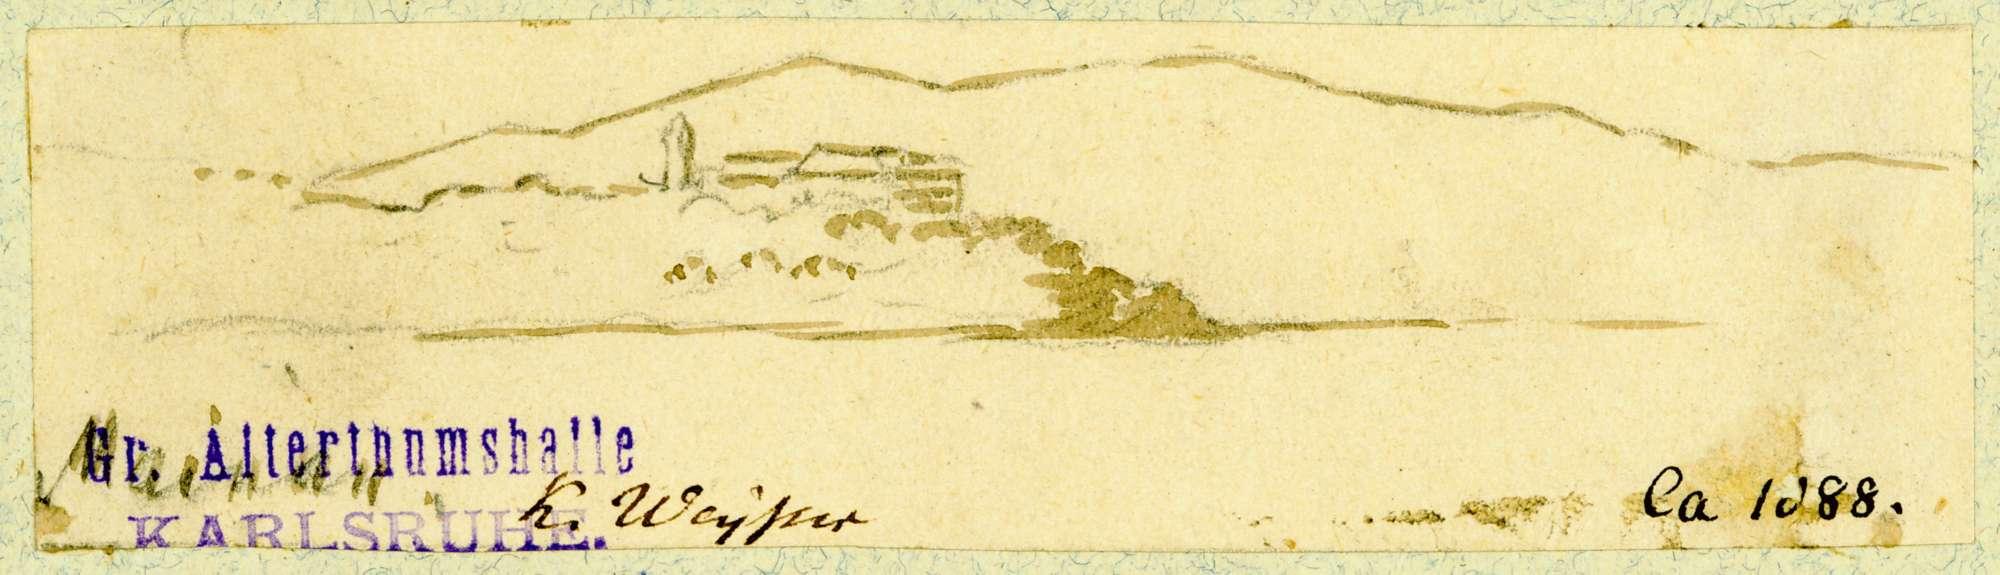 Mainau Blick über Bodensee auf Insel Mainau, Bild 1